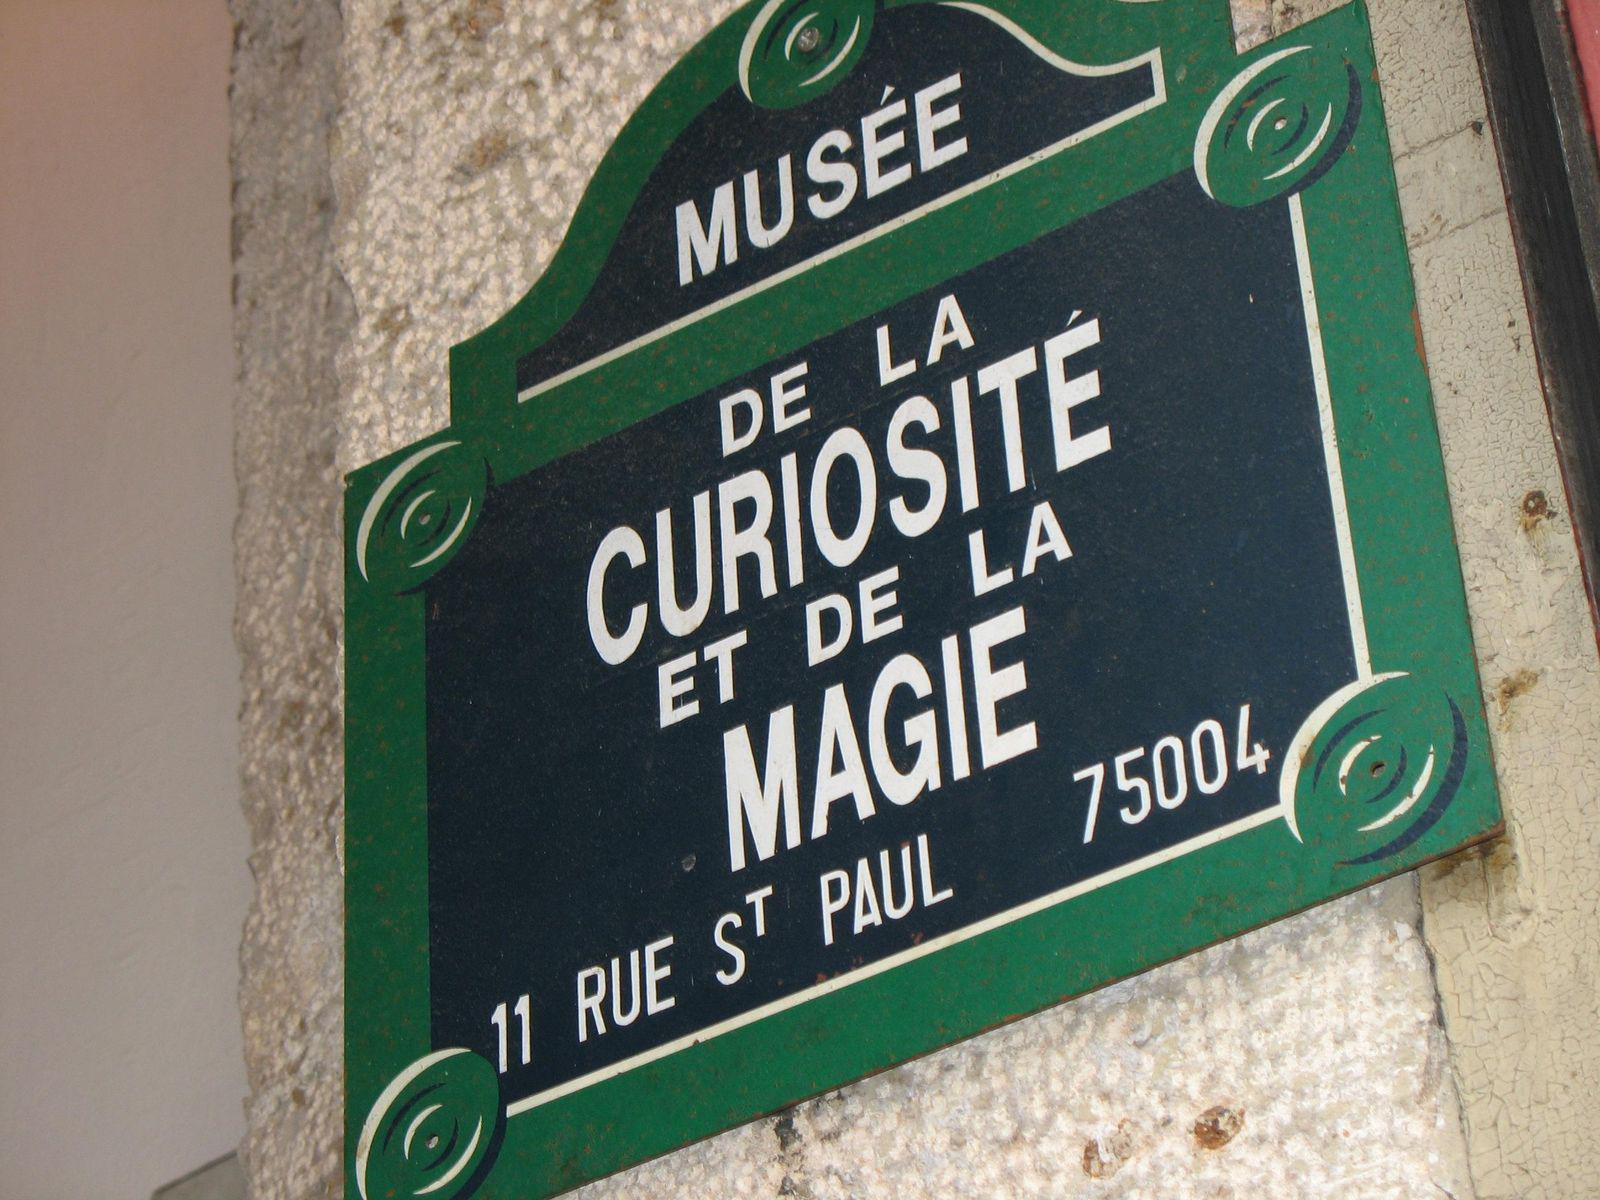 Musée de la Curiosité et de la Magie_Paris (1)